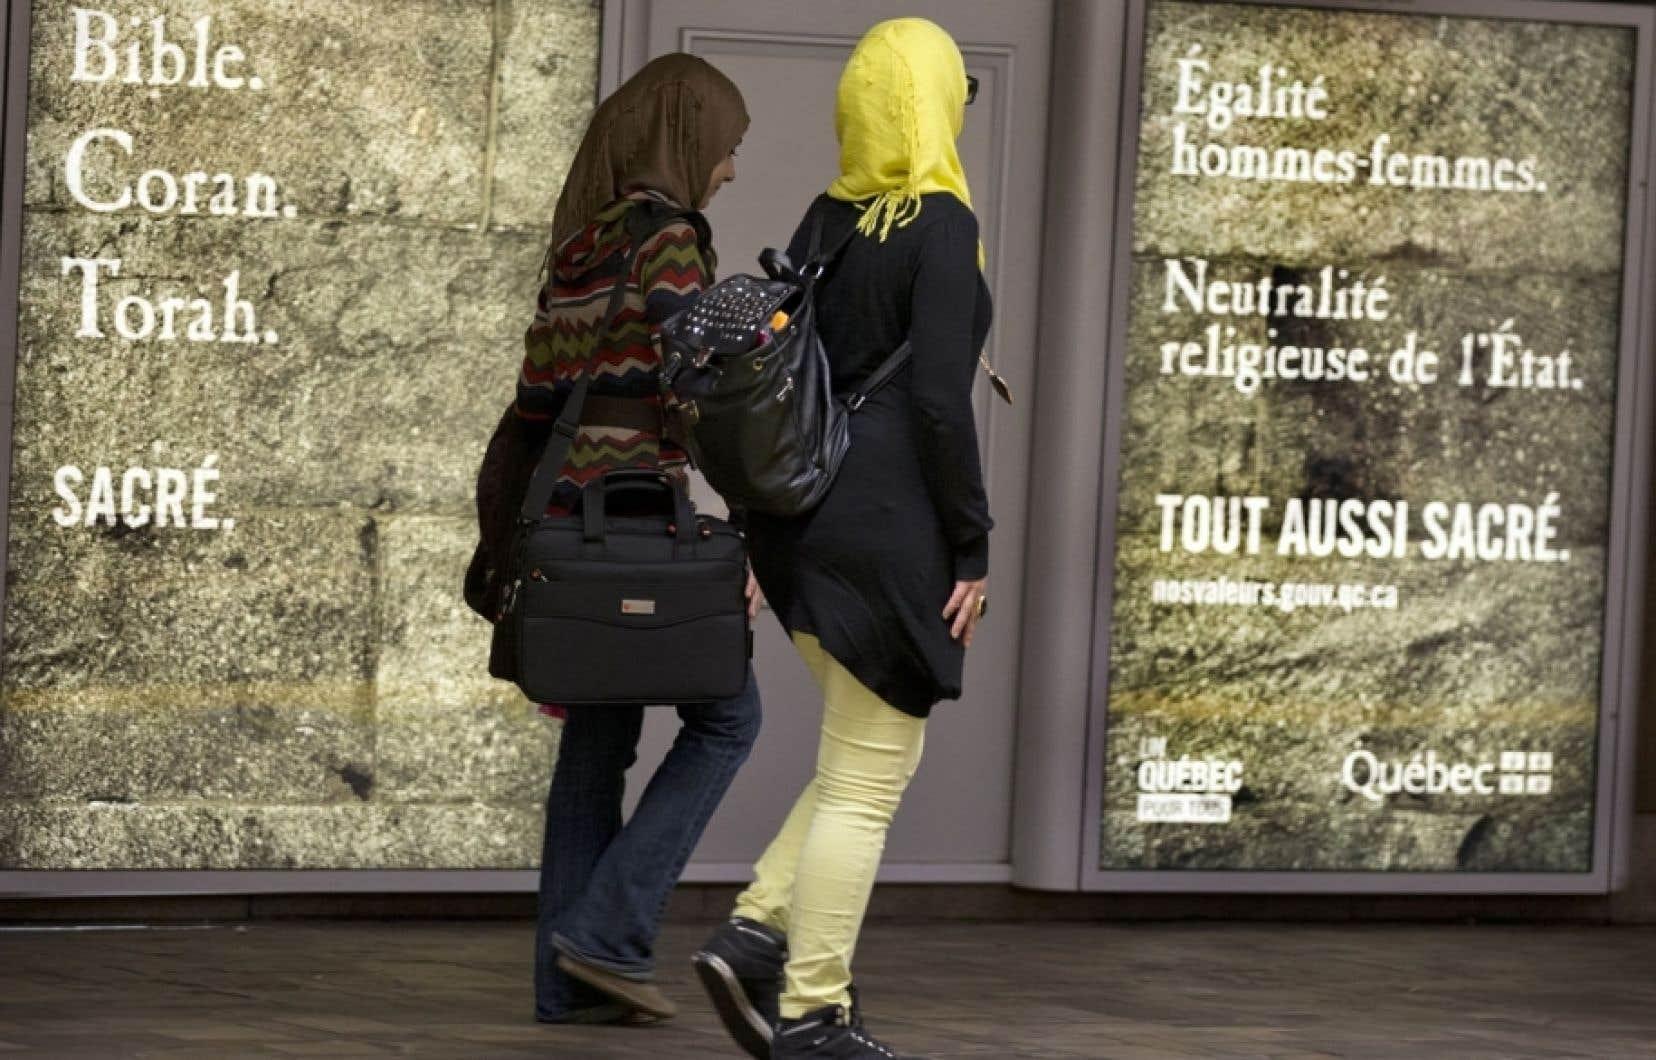 Amnistie internationale Canada francophone a déclaré que «pour les personnes, et en particulier les femmes, qui subiraient une coercition pour porter un signe religieux, leur interdire de le porter ne corrige pas la situation».